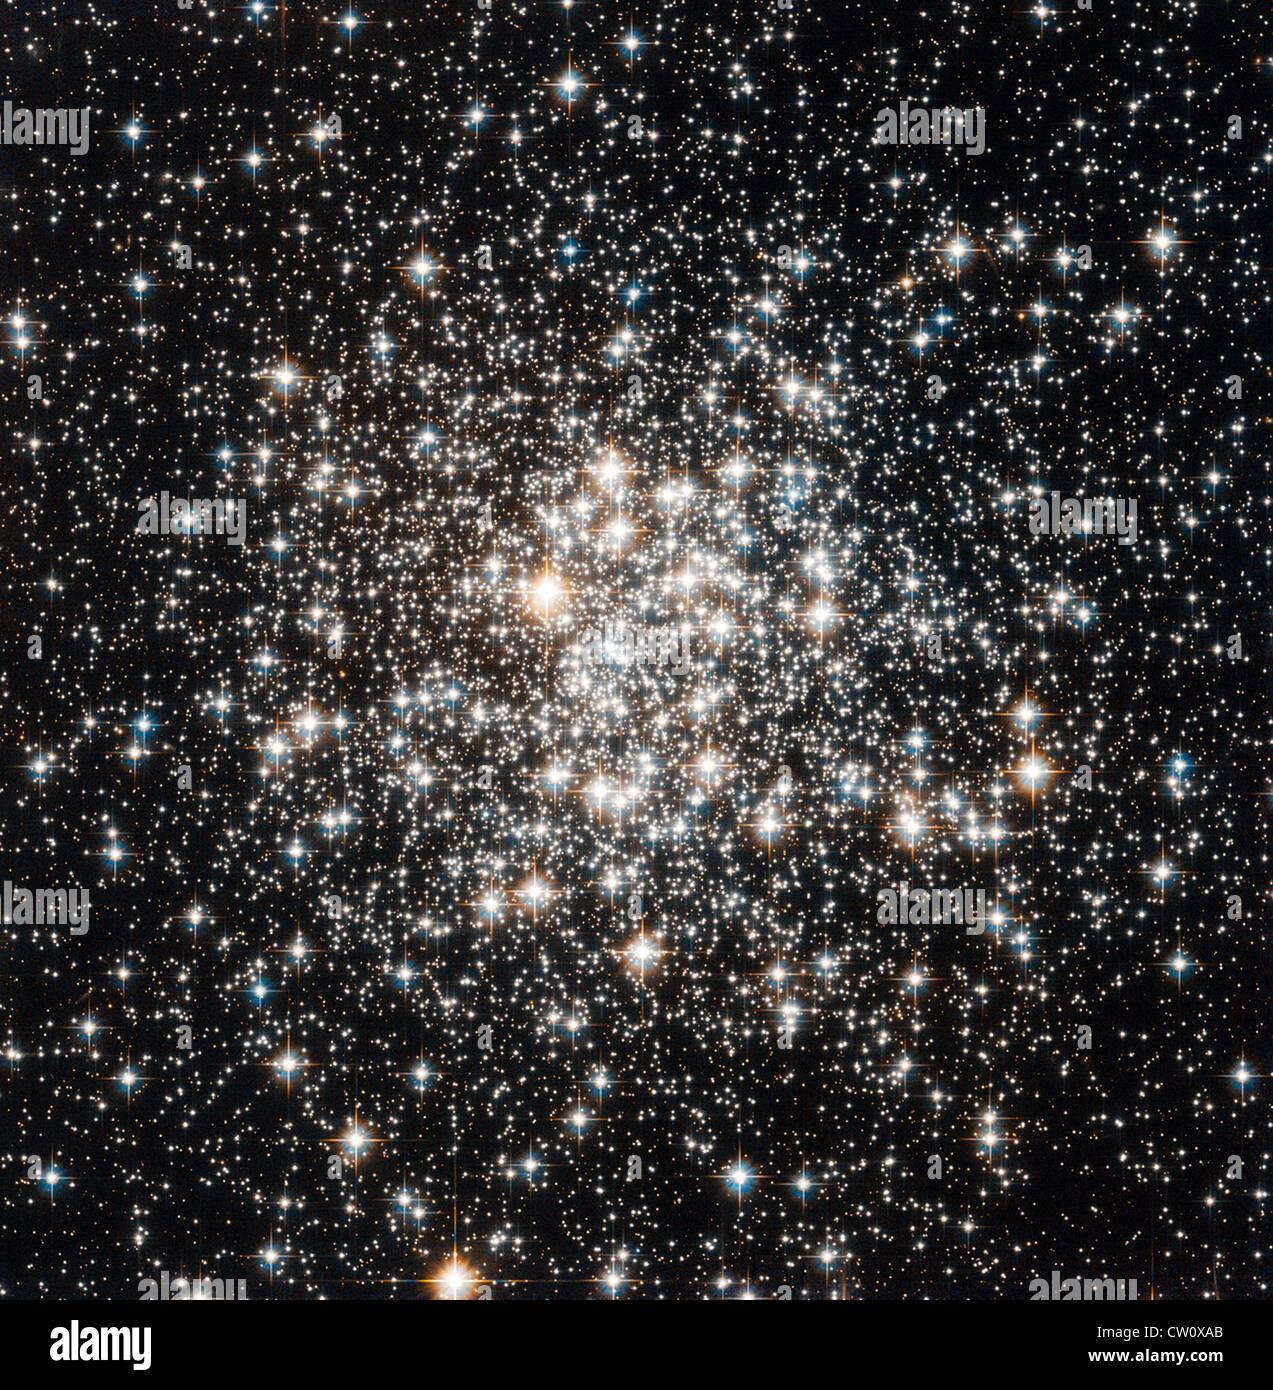 NASA/ESA Hubble Space Telescope a attiré une foule d'étoiles connu sous le nom de Messier 107 dans Photo Stock